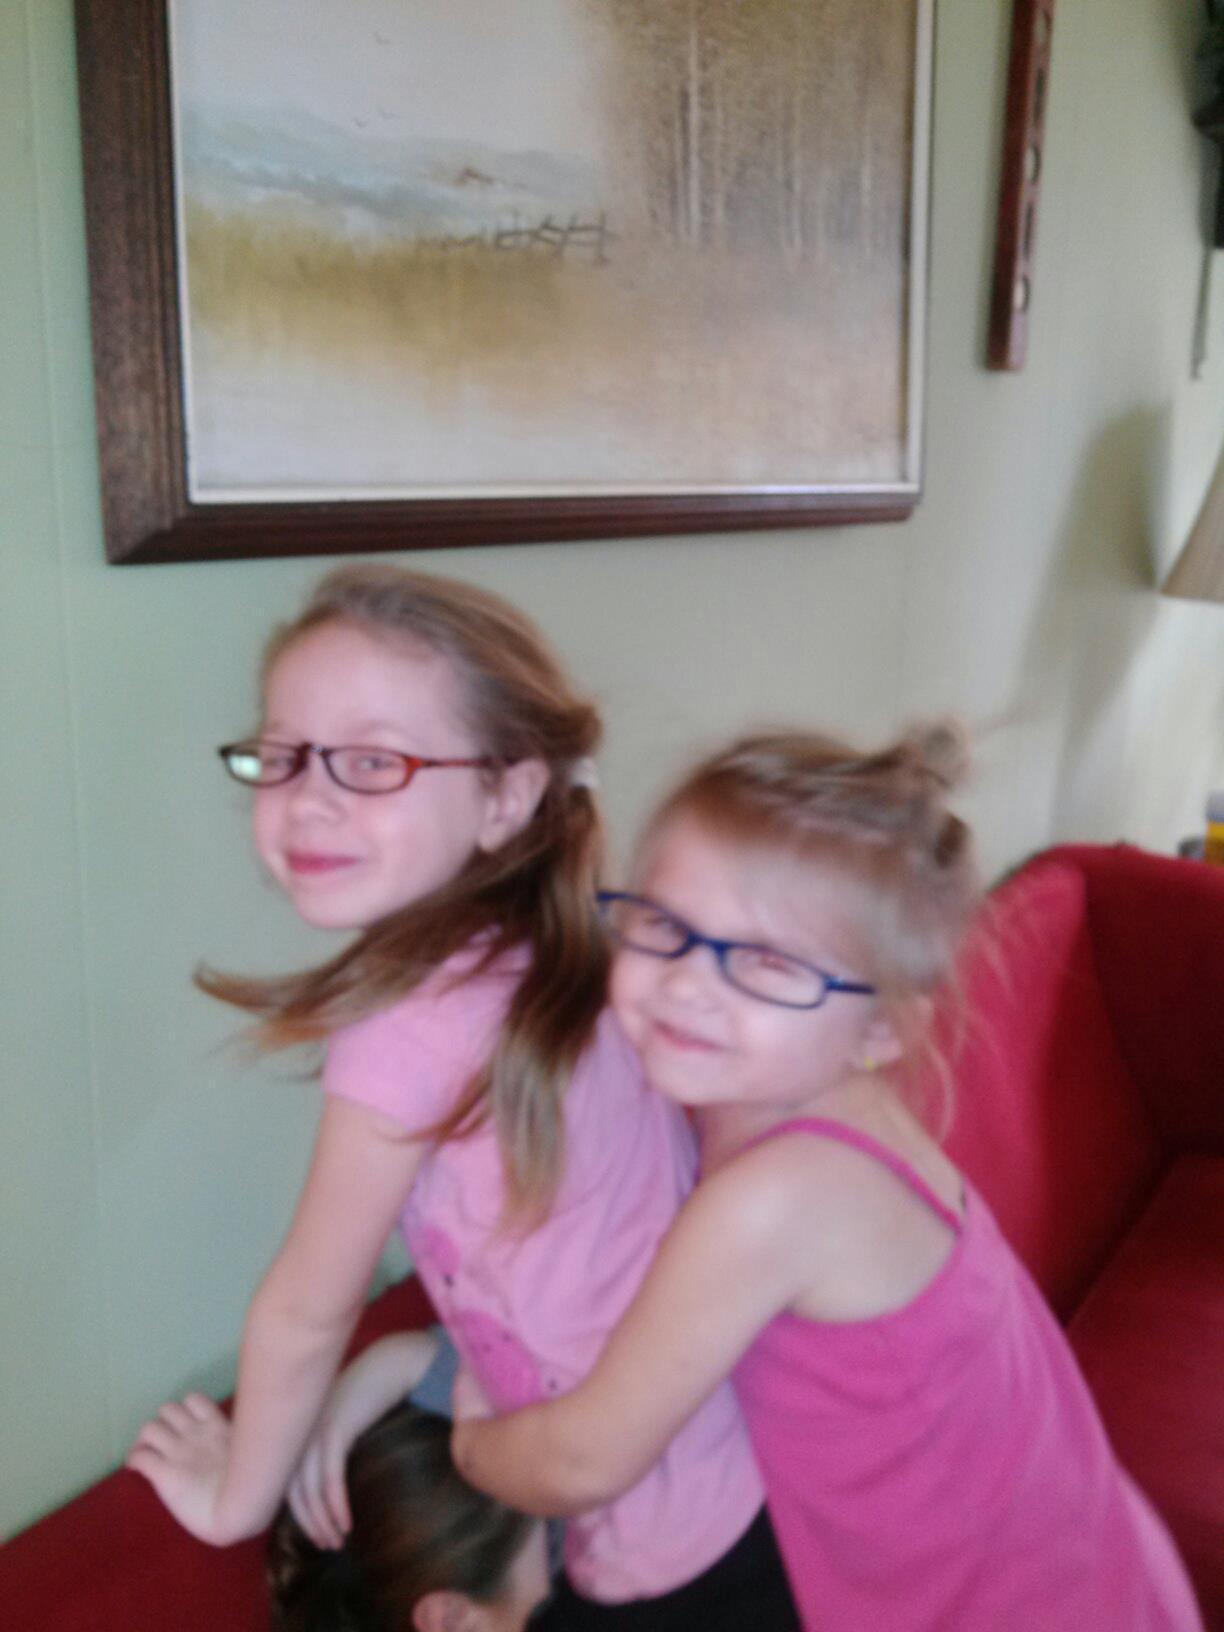 Avery and Adriana